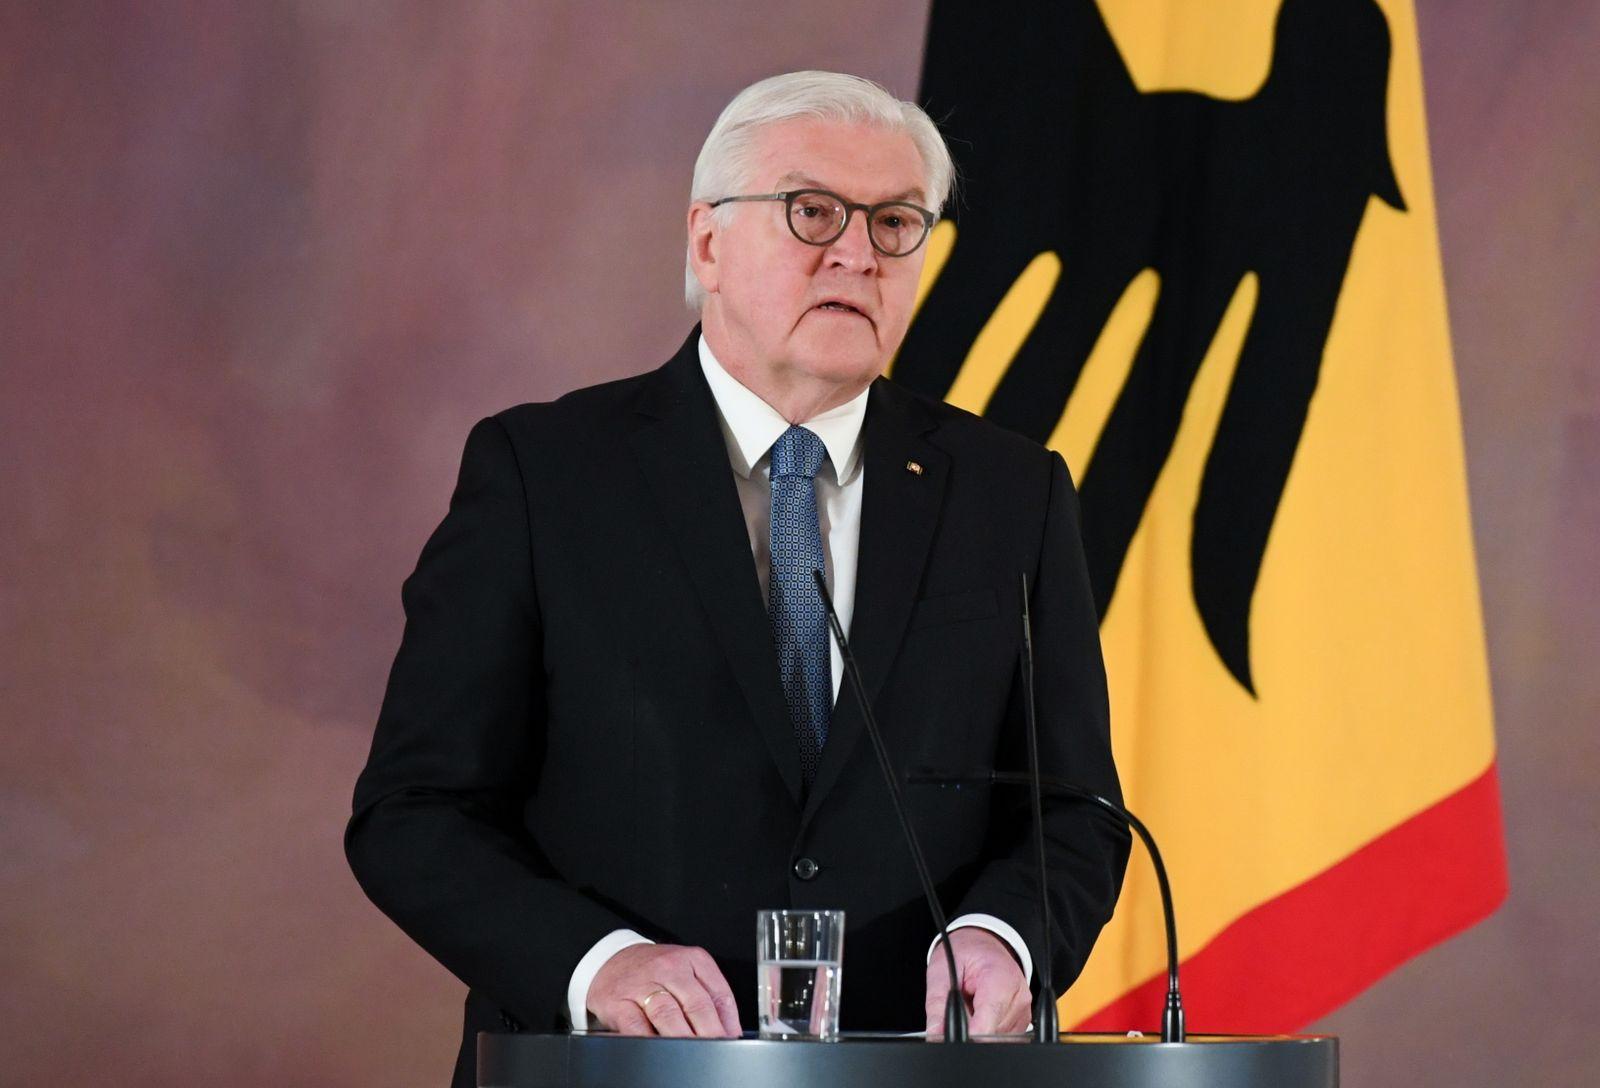 German President Frank-Walter Steinmeier delivers a statement on the turmoil in Washington, in Berlin